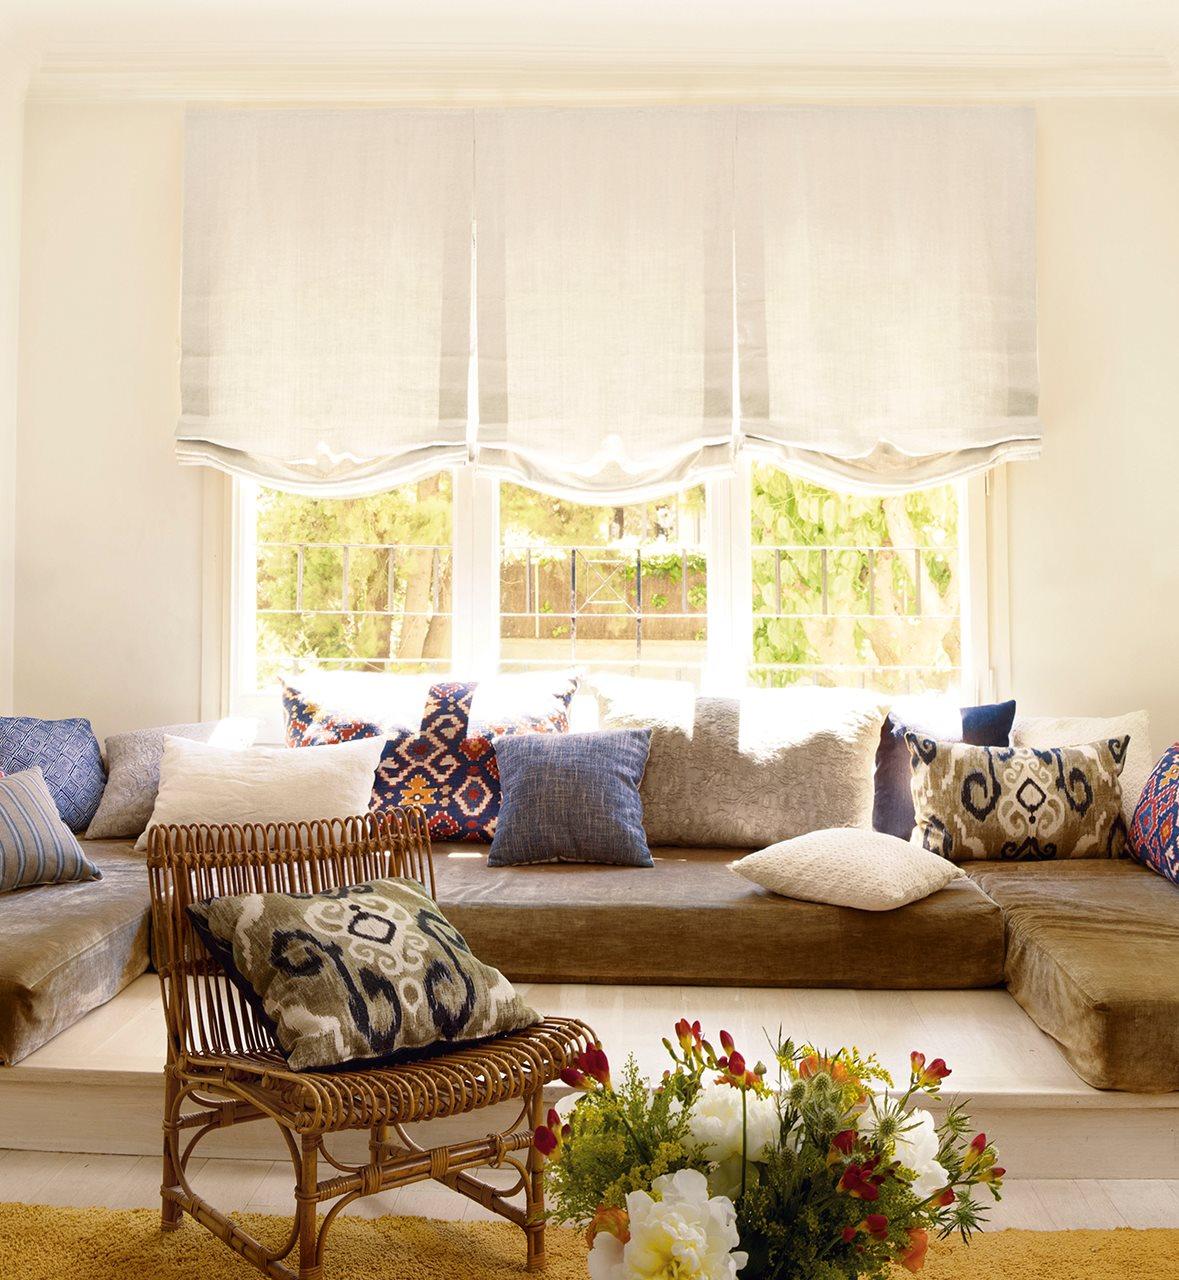 Como hacer unos visillos para el salon excellent cortinas for Visillos estores para salon